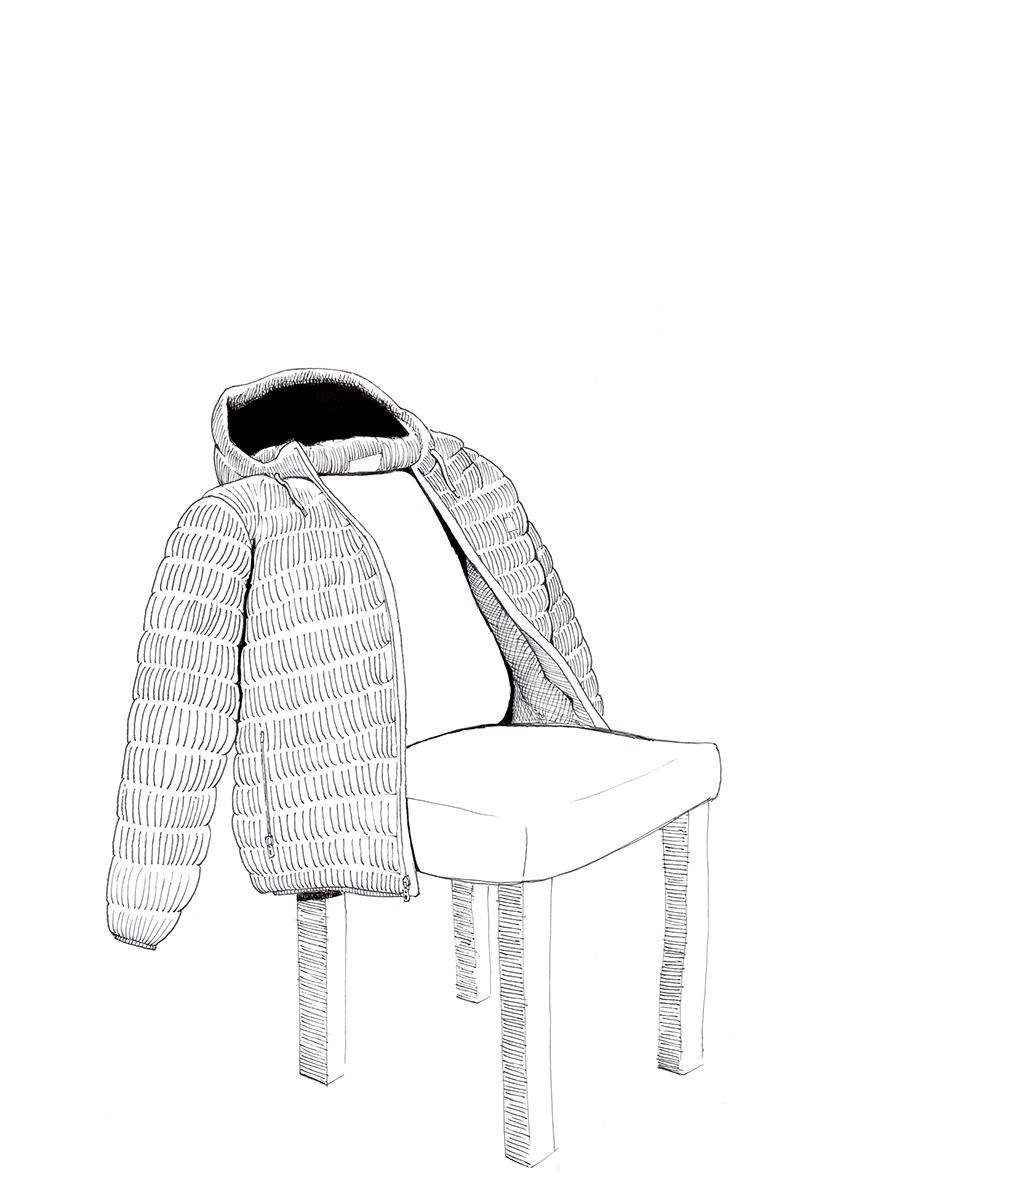 Jacket Ink A4 Art